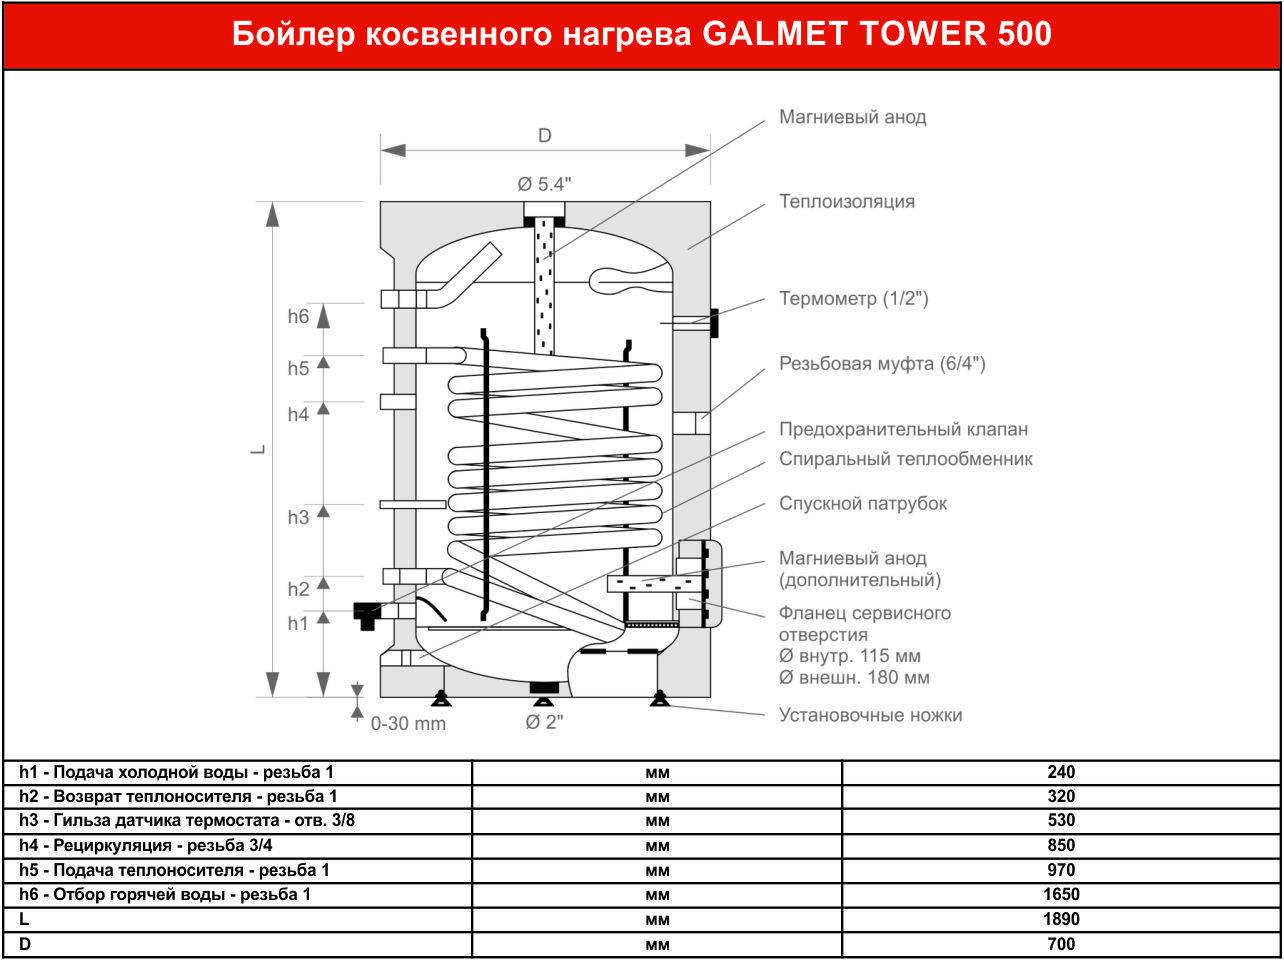 Принцип работы и устройство накопительного водонагревателя (бойлера)